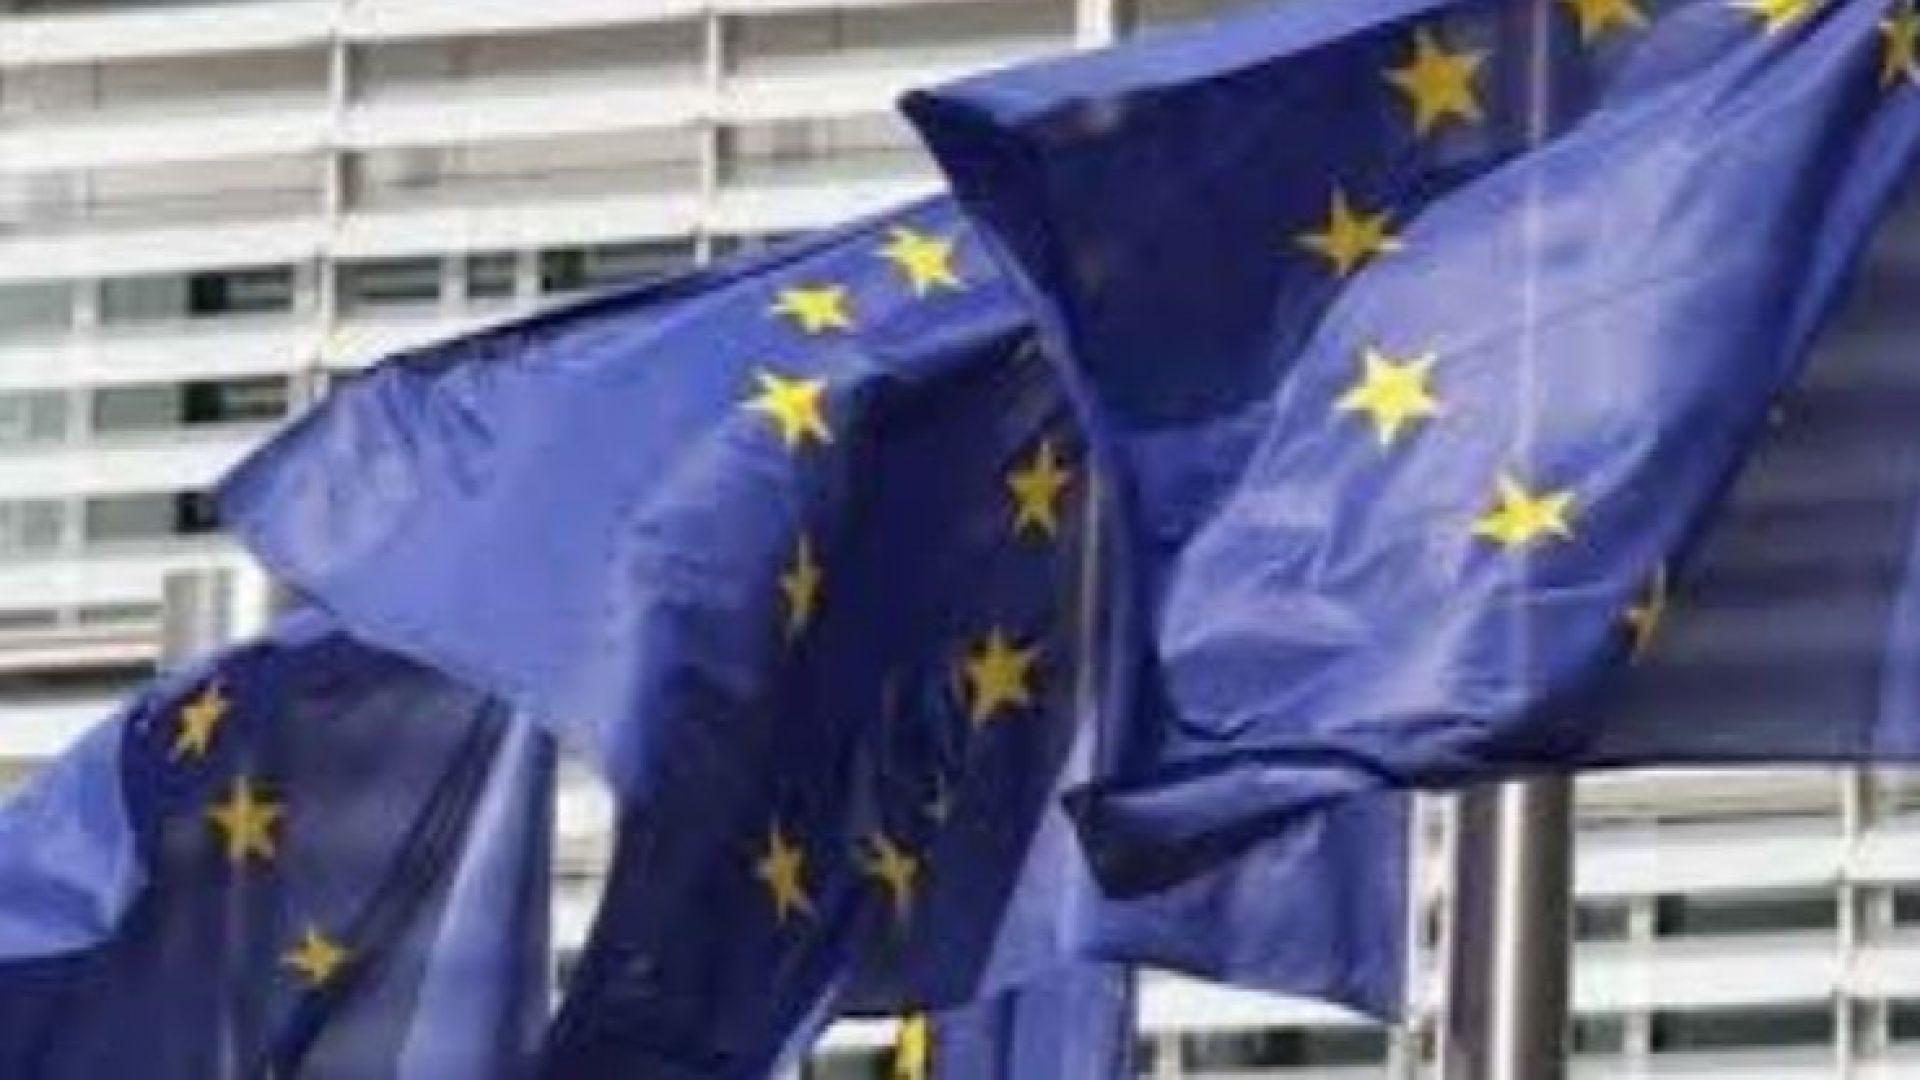 Проучване на ЕК: Най-голяма подкрепа за членството в ЕС има в Албания